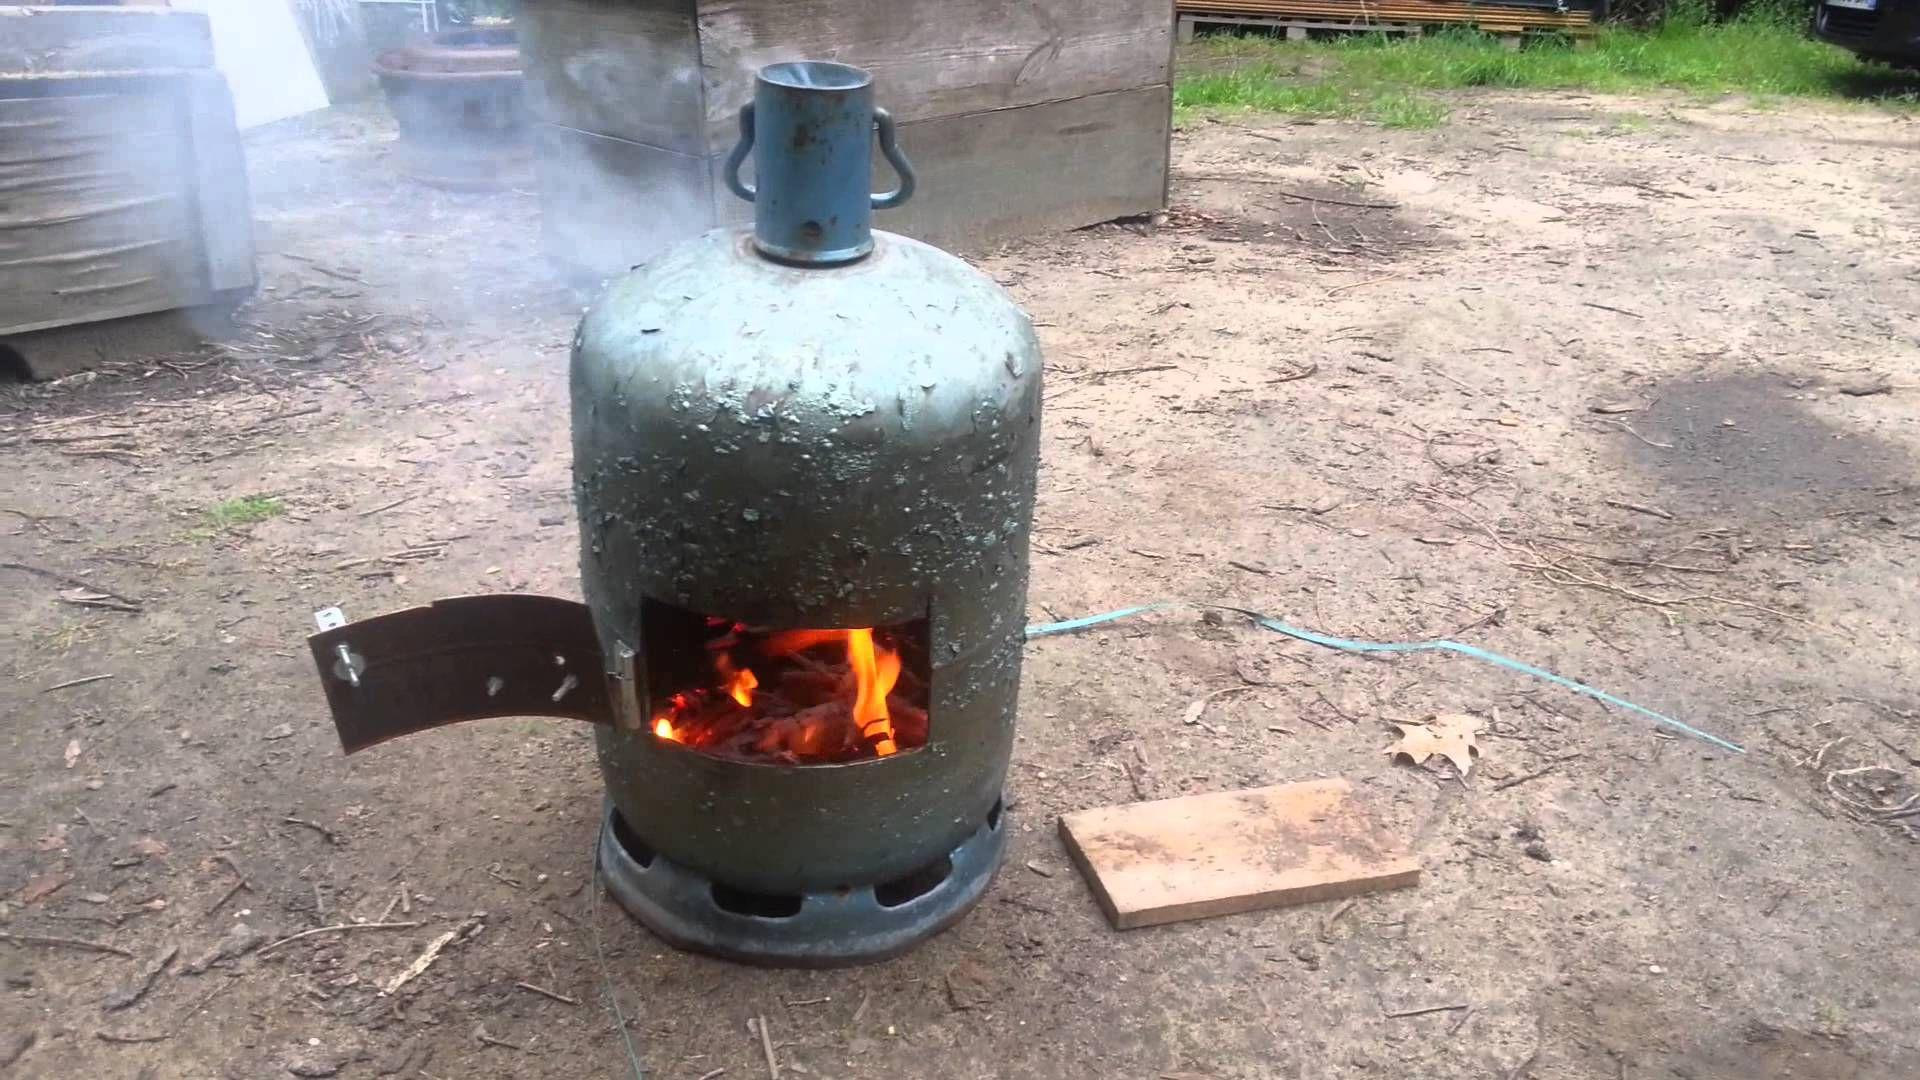 Poele a bois de camp boutielle gaz - Fabriquer un chauffe eau piscine bois ...